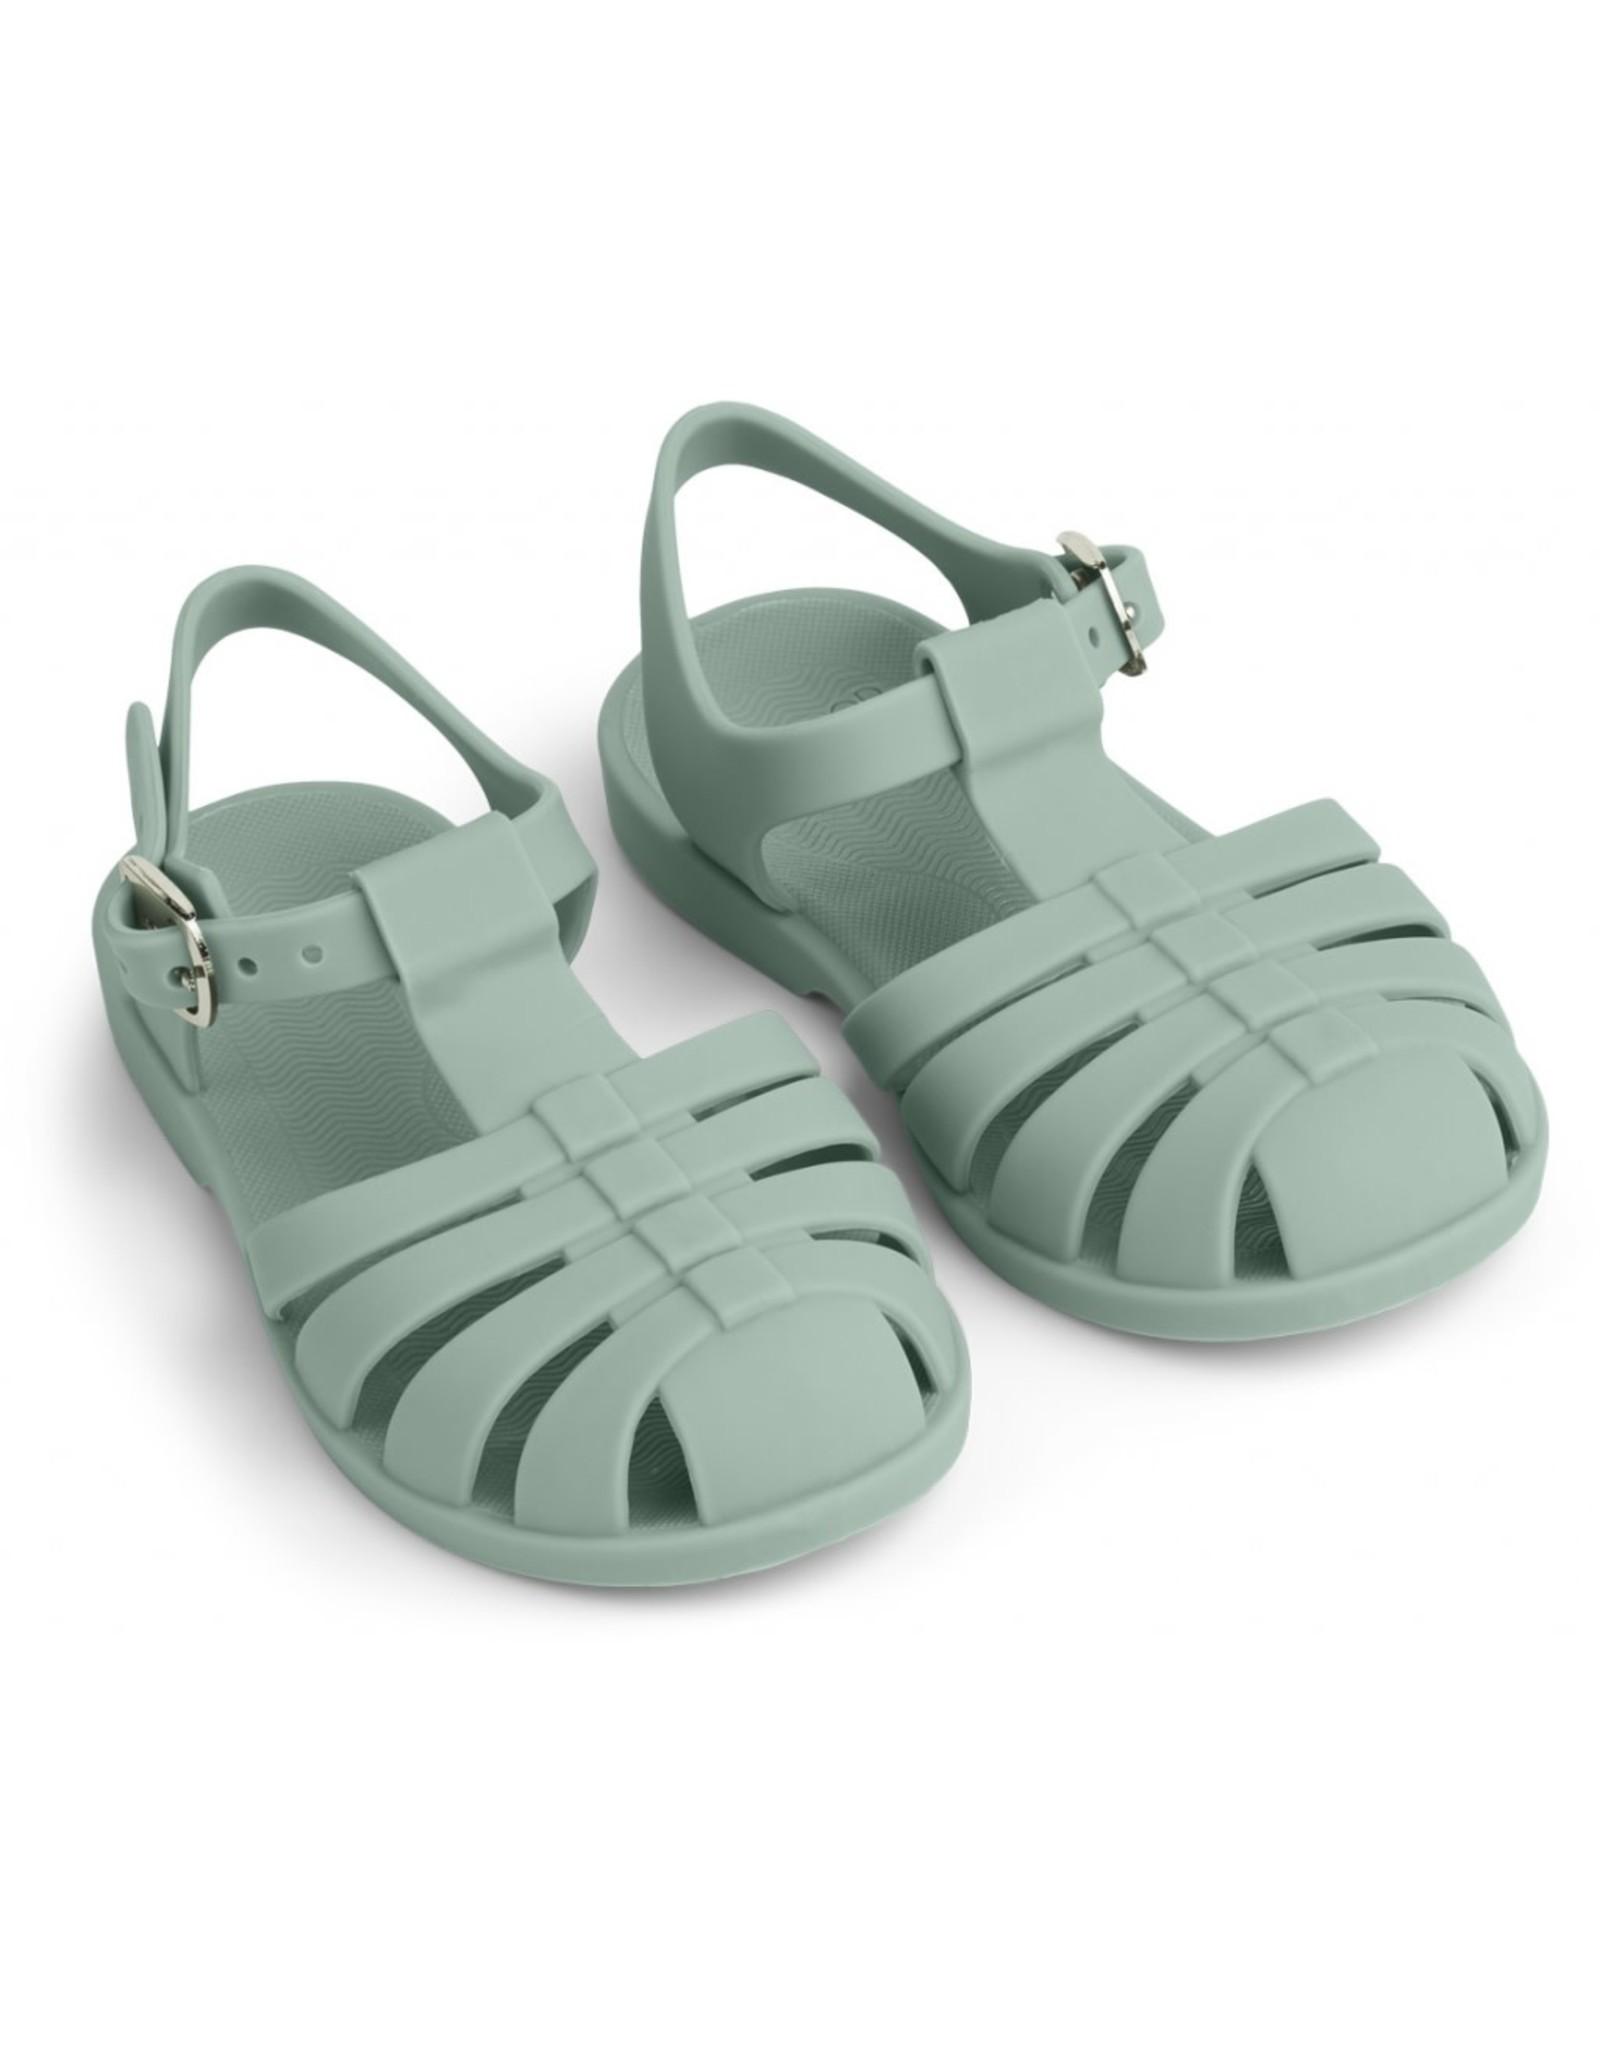 Liewood - Bre Sandals - Peppermint